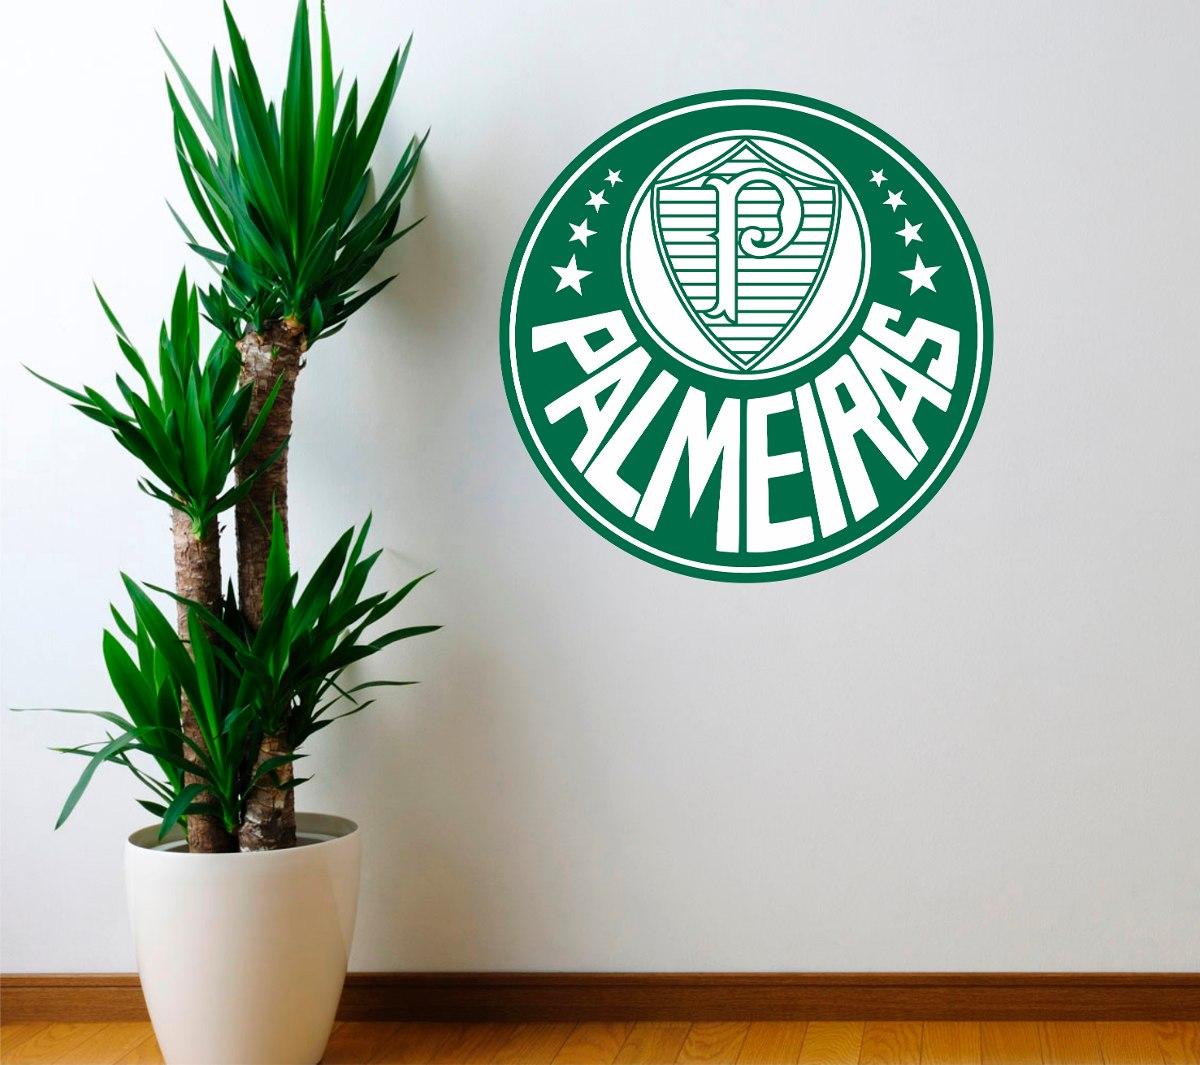 c8d94ad3ac adesivo palmeiras futebol com fundo 48cmx48cm escudo parede. Carregando  zoom.